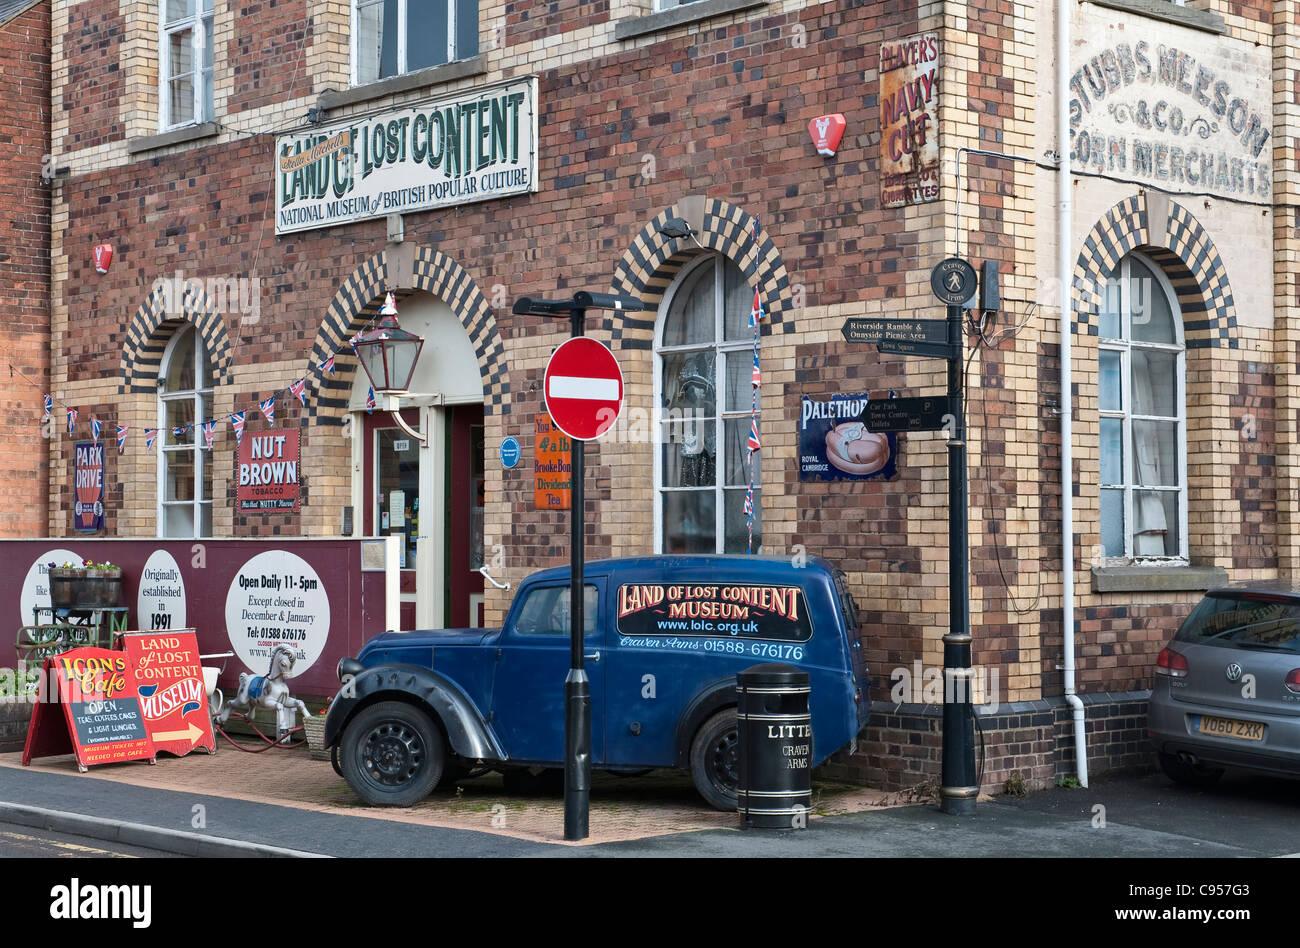 Das Land der verlorenen Inhalt, Craven Arms, Shropshire, UK. Eine riesige Sammlung von 20. Jahrhundert häusliche Stockbild